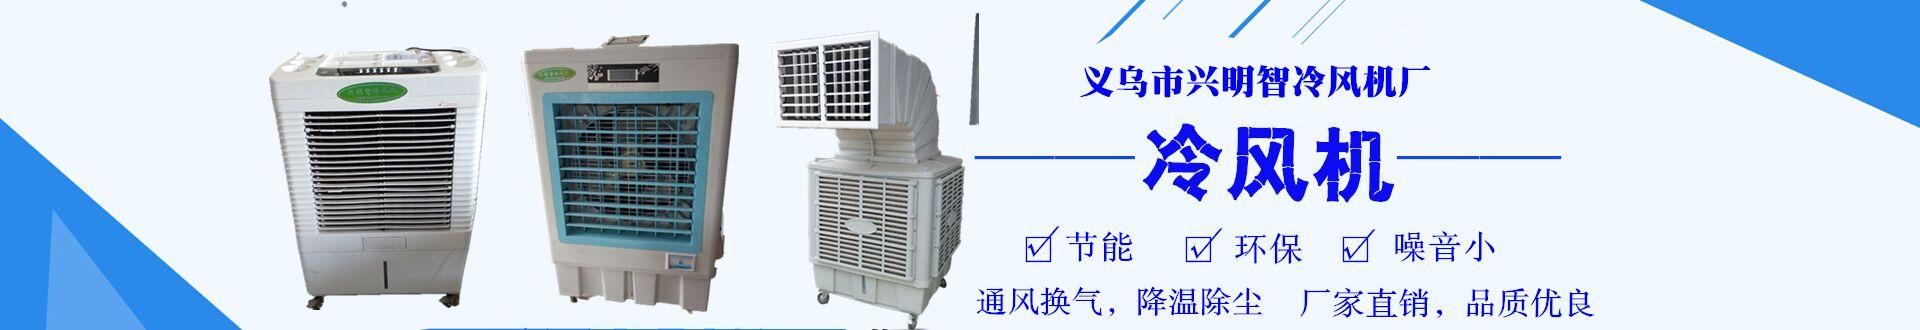 义乌市兴明智冷风机厂